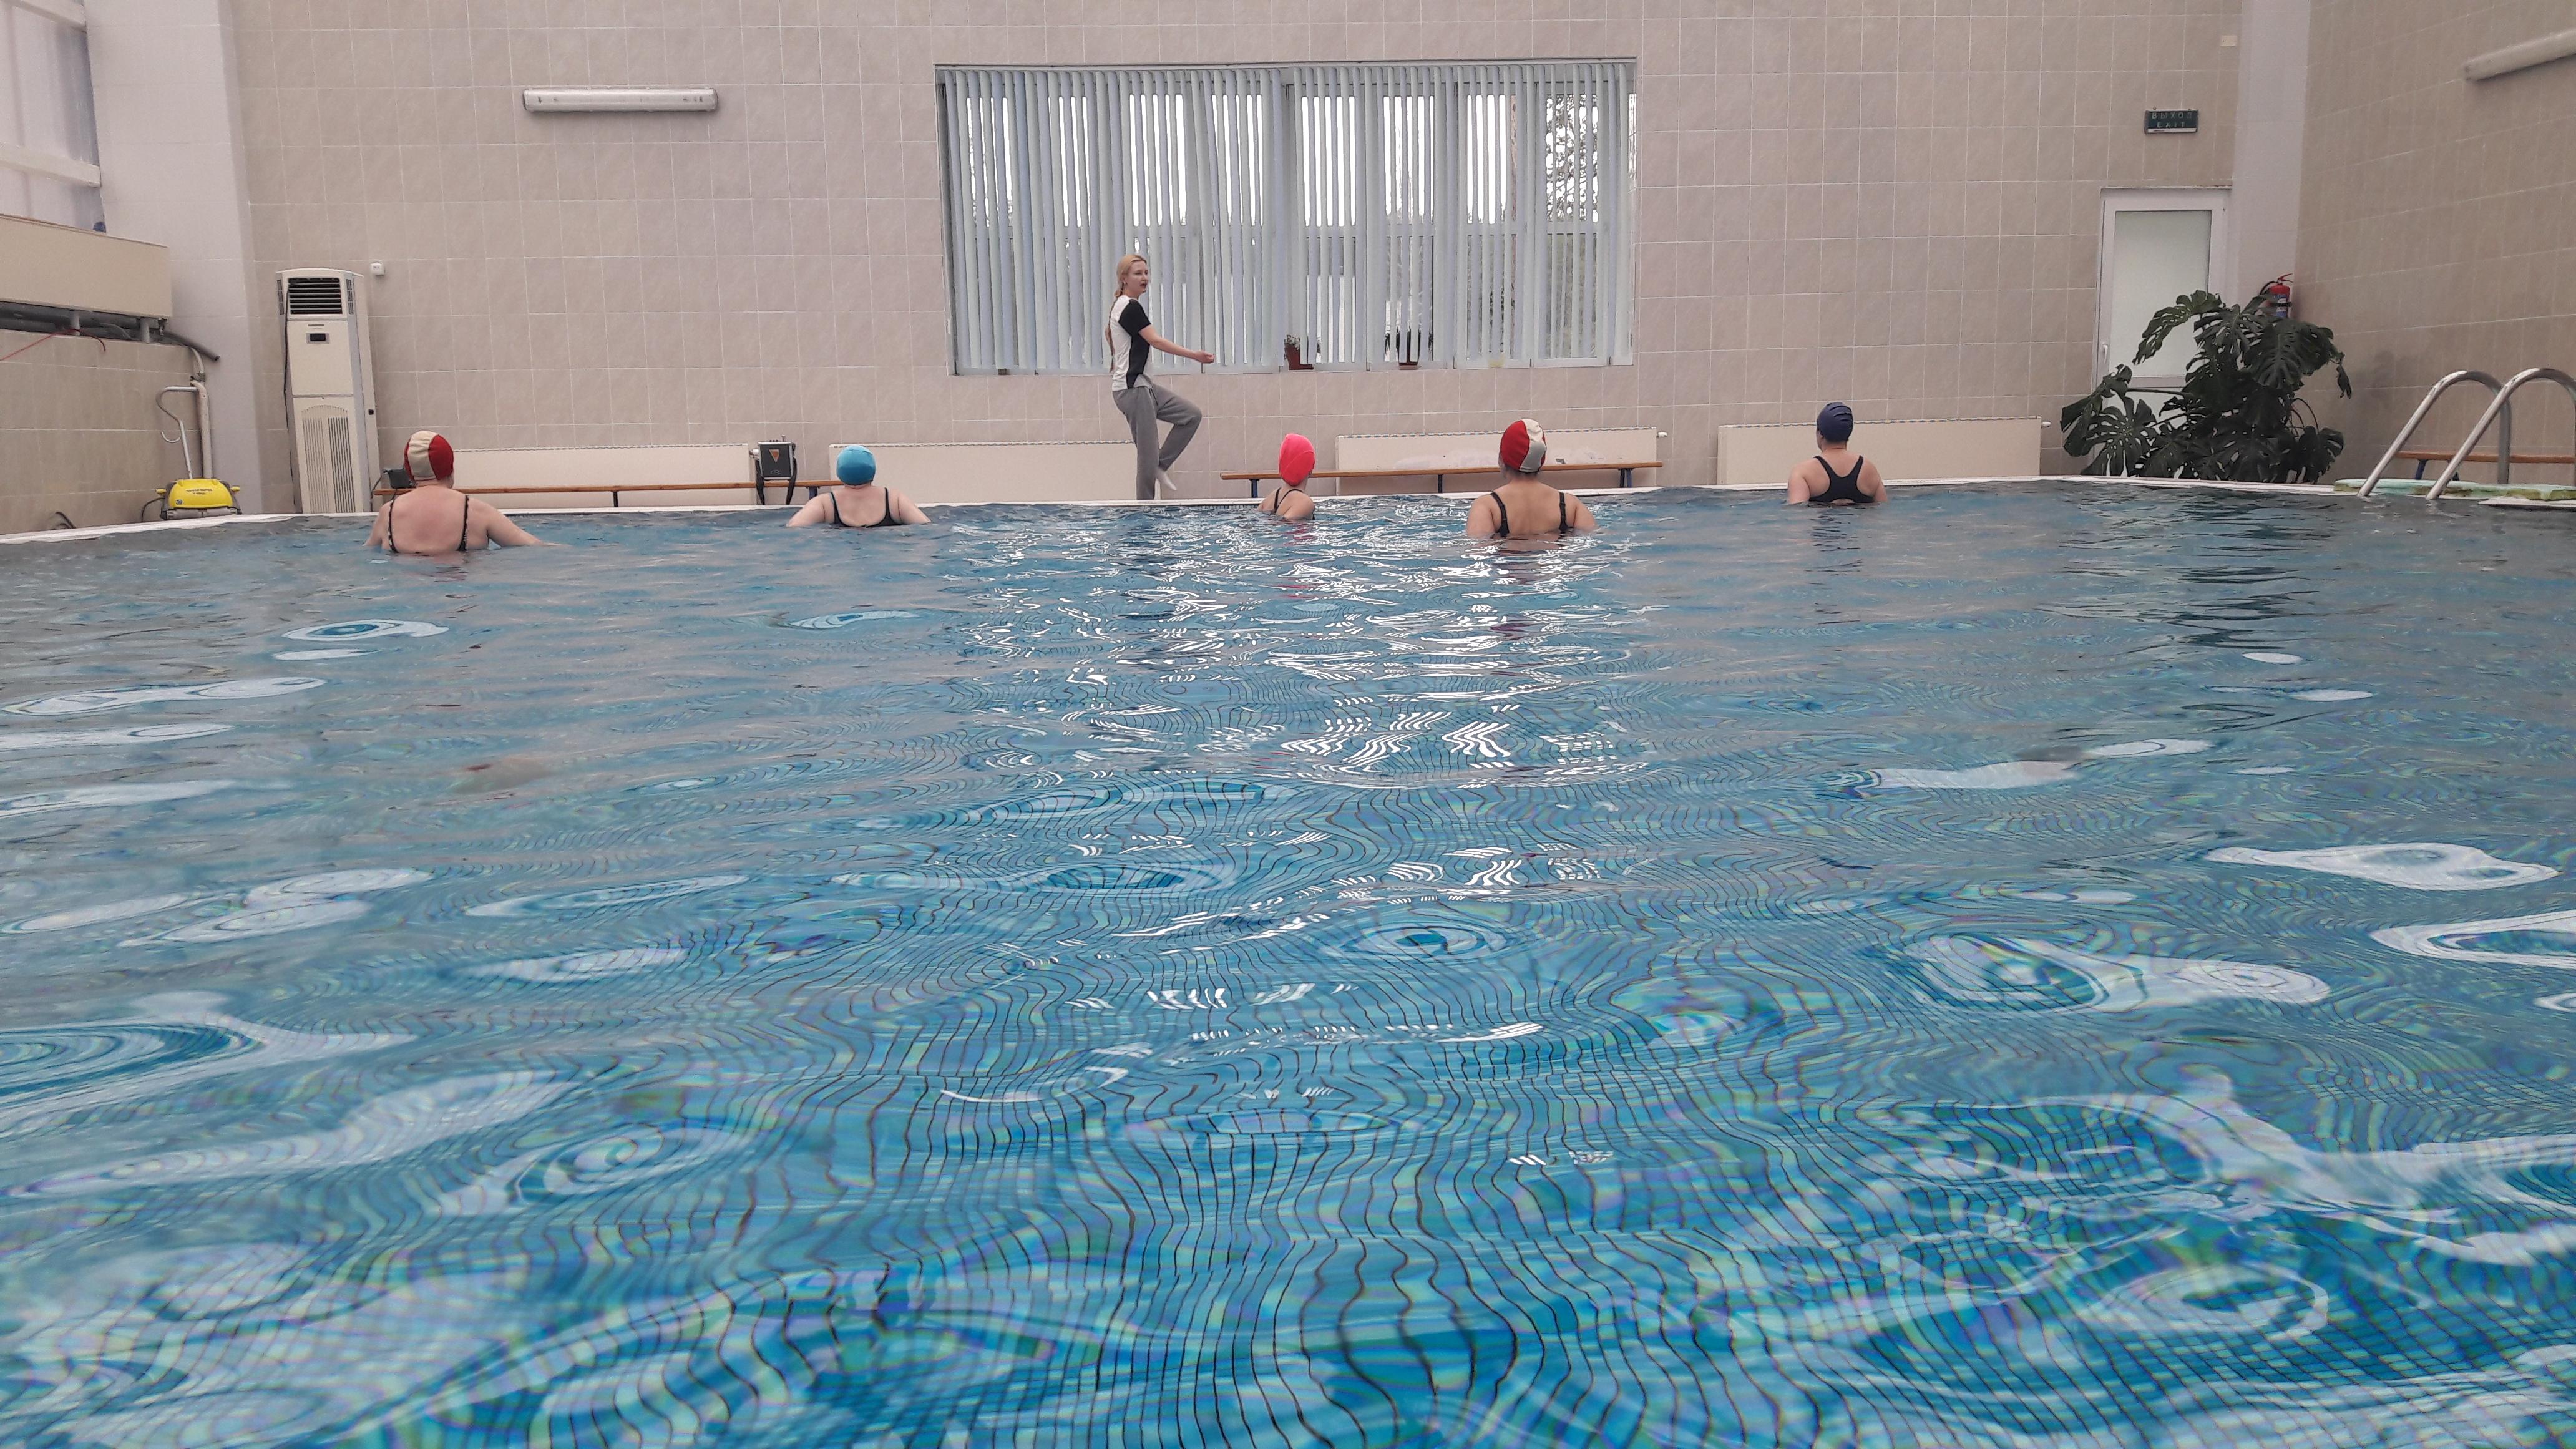 графики иллюстраций санаторий белый камень бассейн фото участки берегу озера